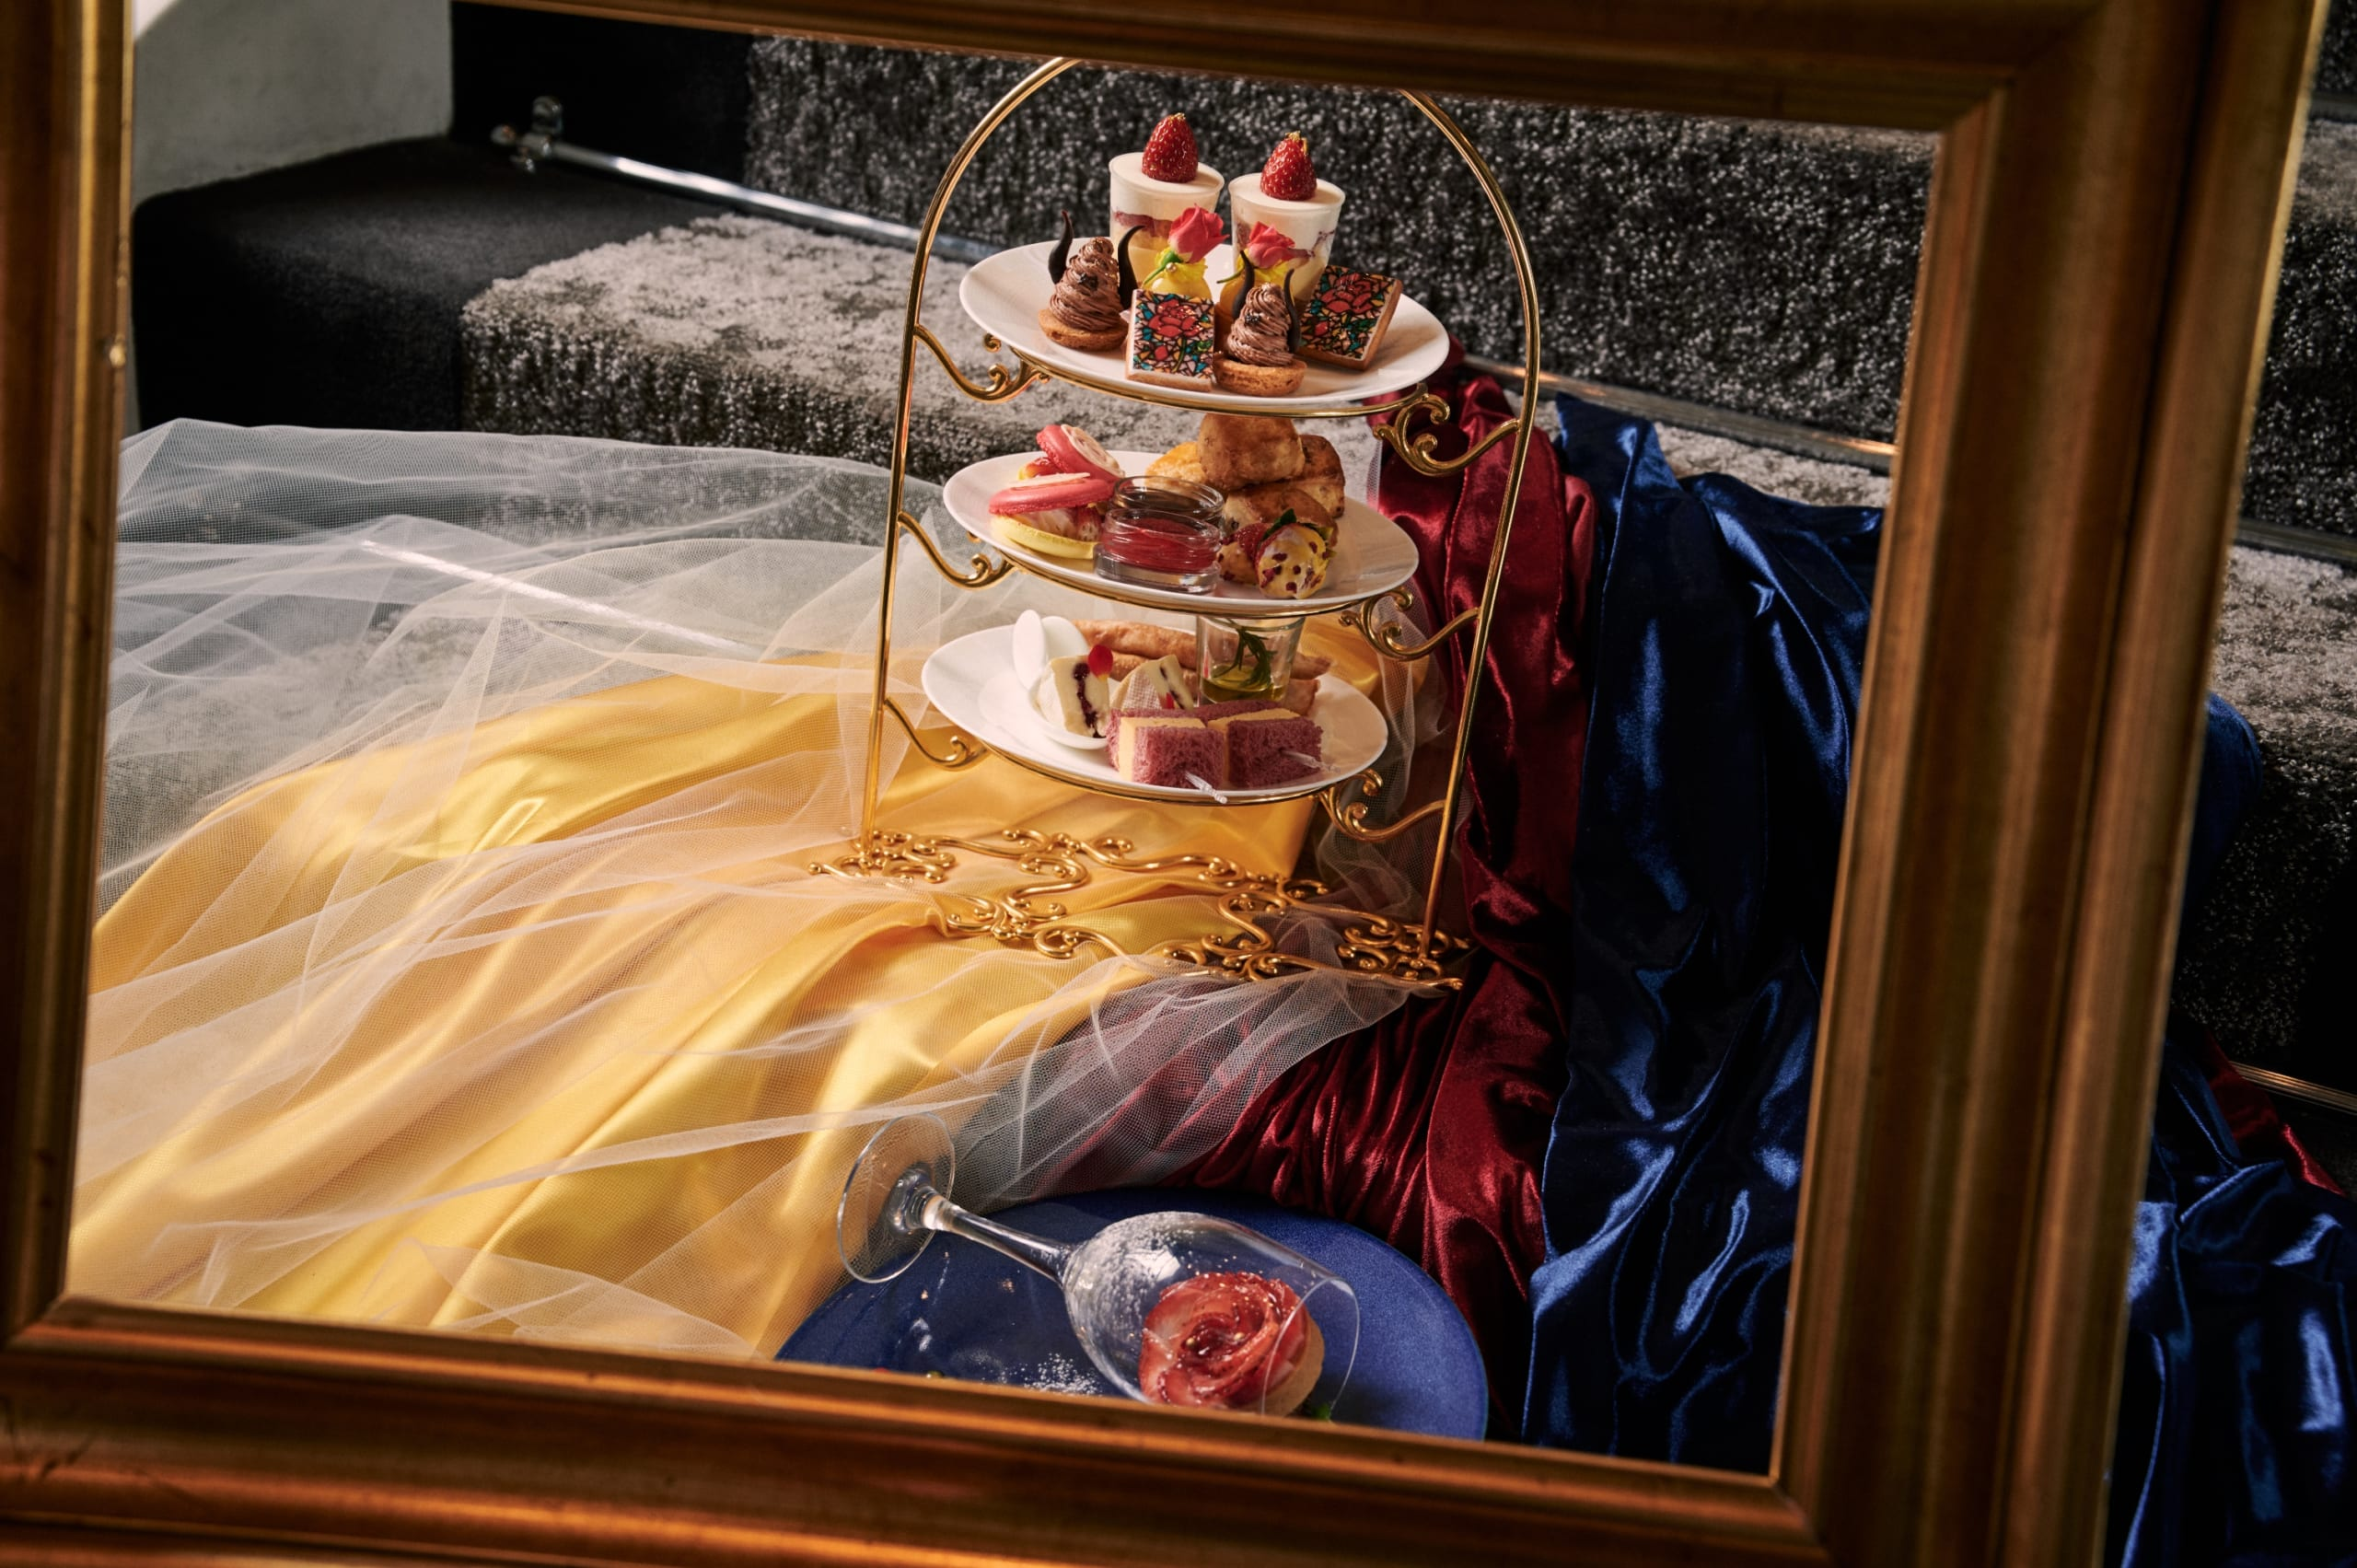 「美女と野獣」をテーマにしたアフタヌーンティーが開催決定!プリンセス・ベルやキーアイテム・バラをイメージしたスイーツなど